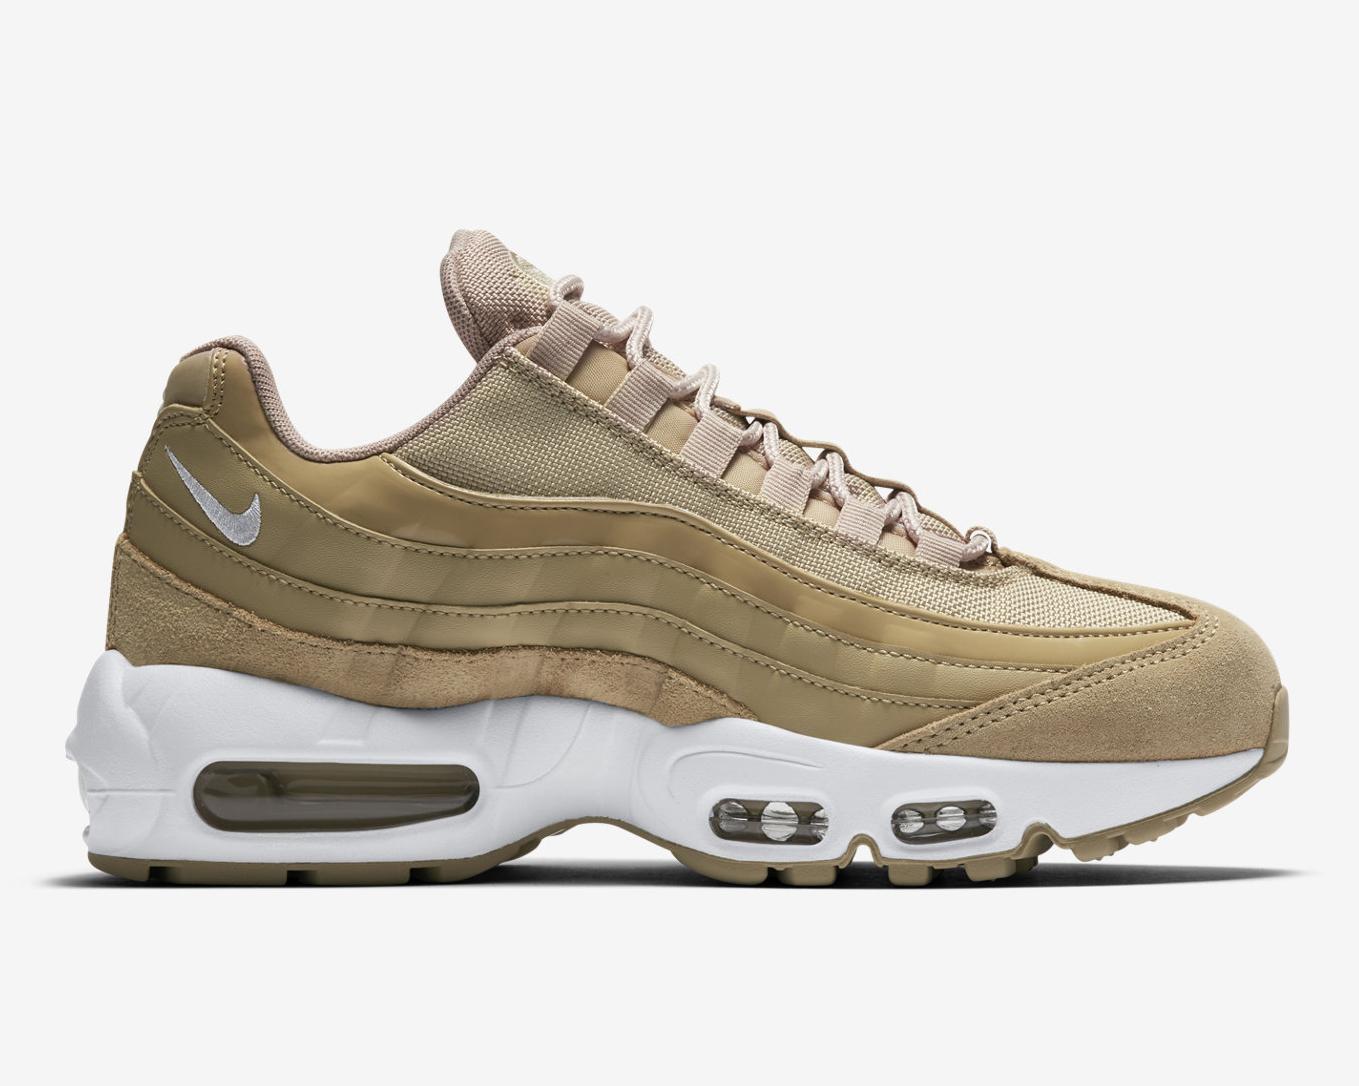 quality design fa45d 23fe5 Jos nostalginen ysärityyli on sinulle liikaa, valitse Nike Air Max 95 tai  97 -kengät minimalistisen yksivärisinä.